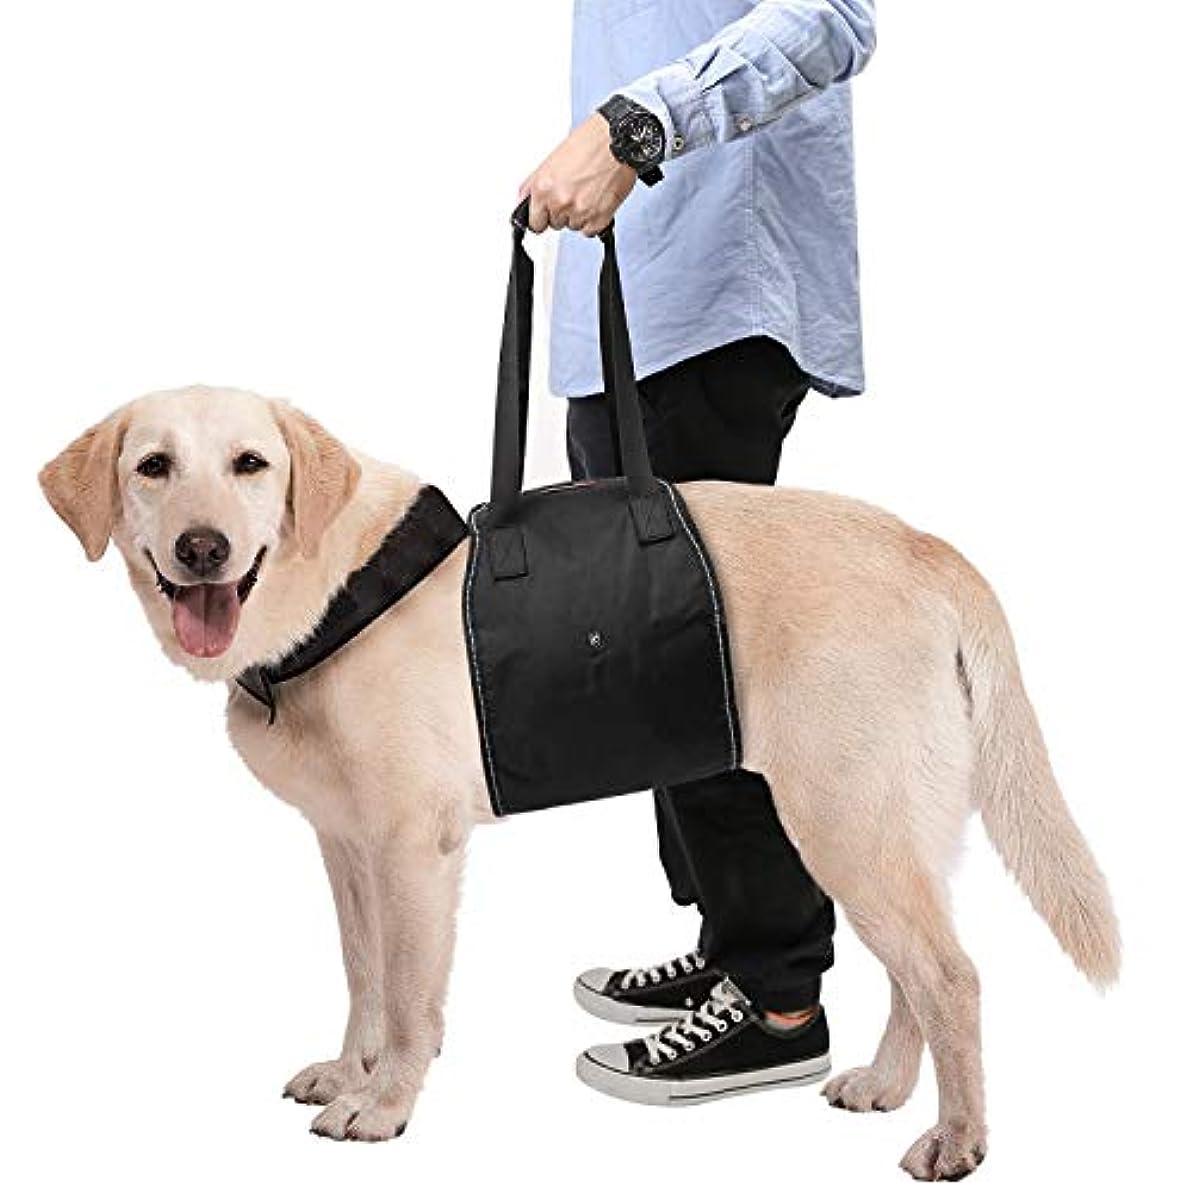 生き物節約する開梱介護ハーネス 大型犬用 歩行補助 足腰の弱くなった老犬に 犬用介護ハーネス リード,BLACK